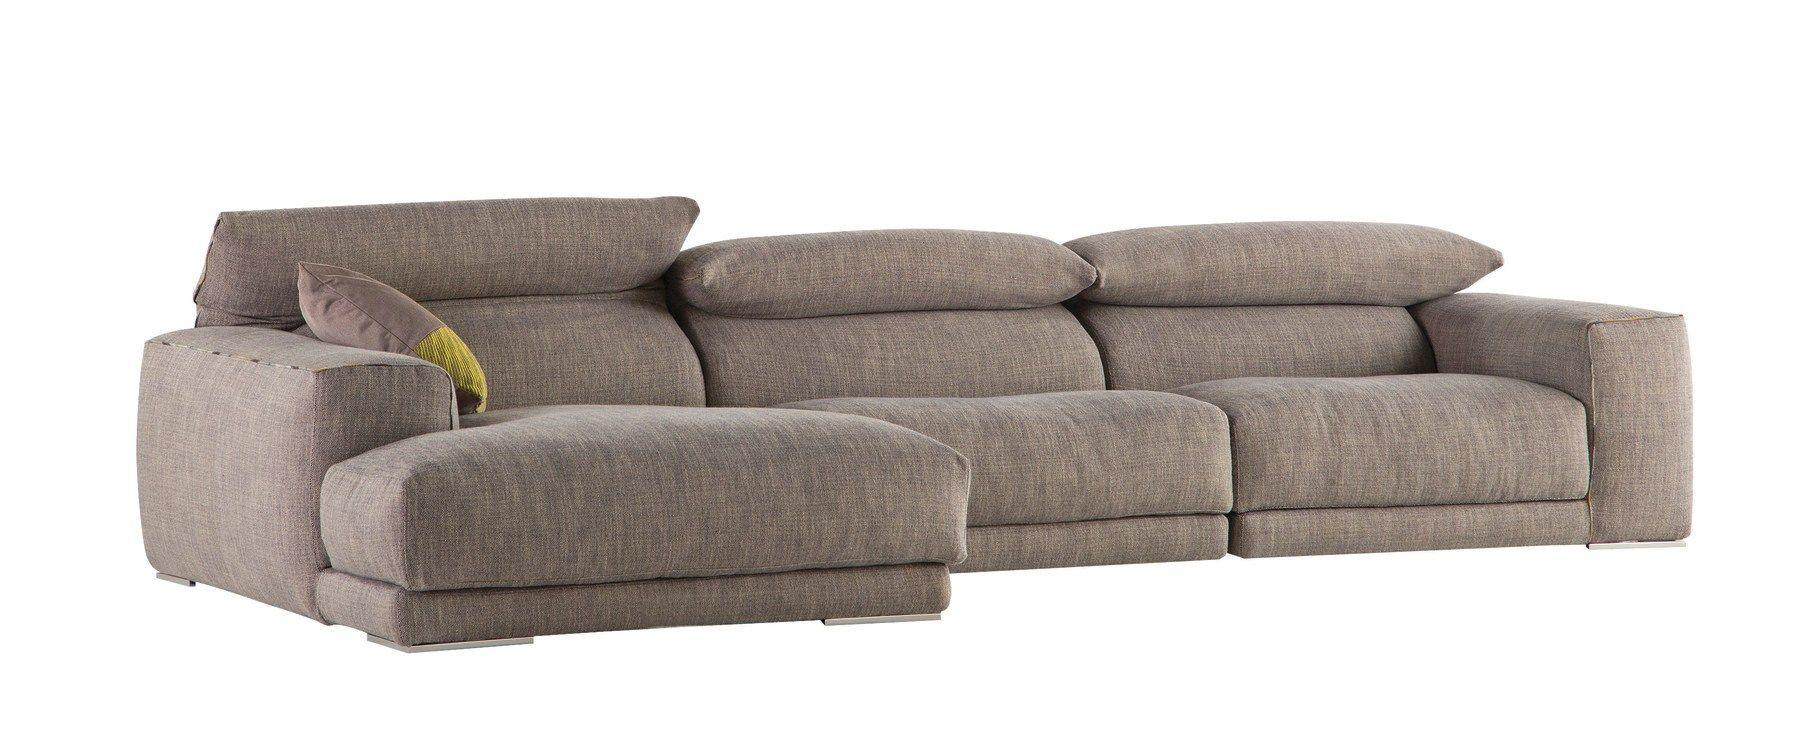 Divano sfoderabile in tessuto con chaise longue upside by for Chaise longue roche bobois